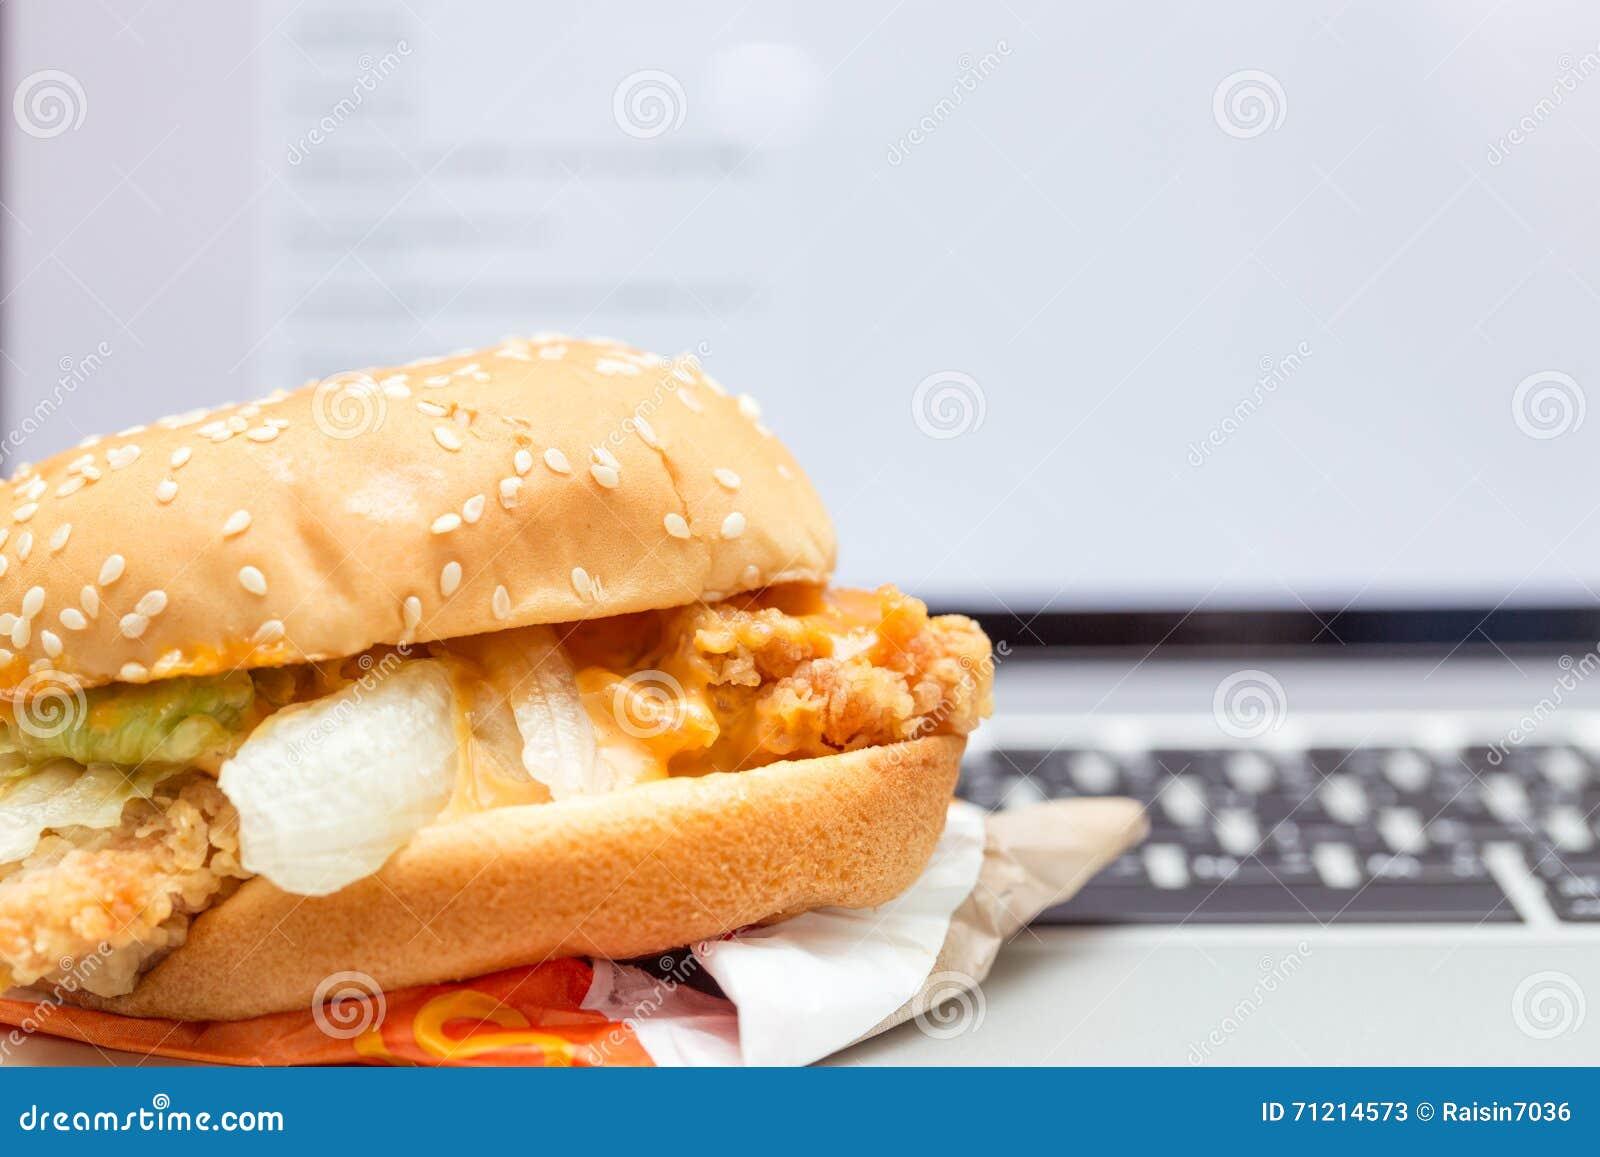 Burger délicieux servir cheeseburger ou hamburger avec salade